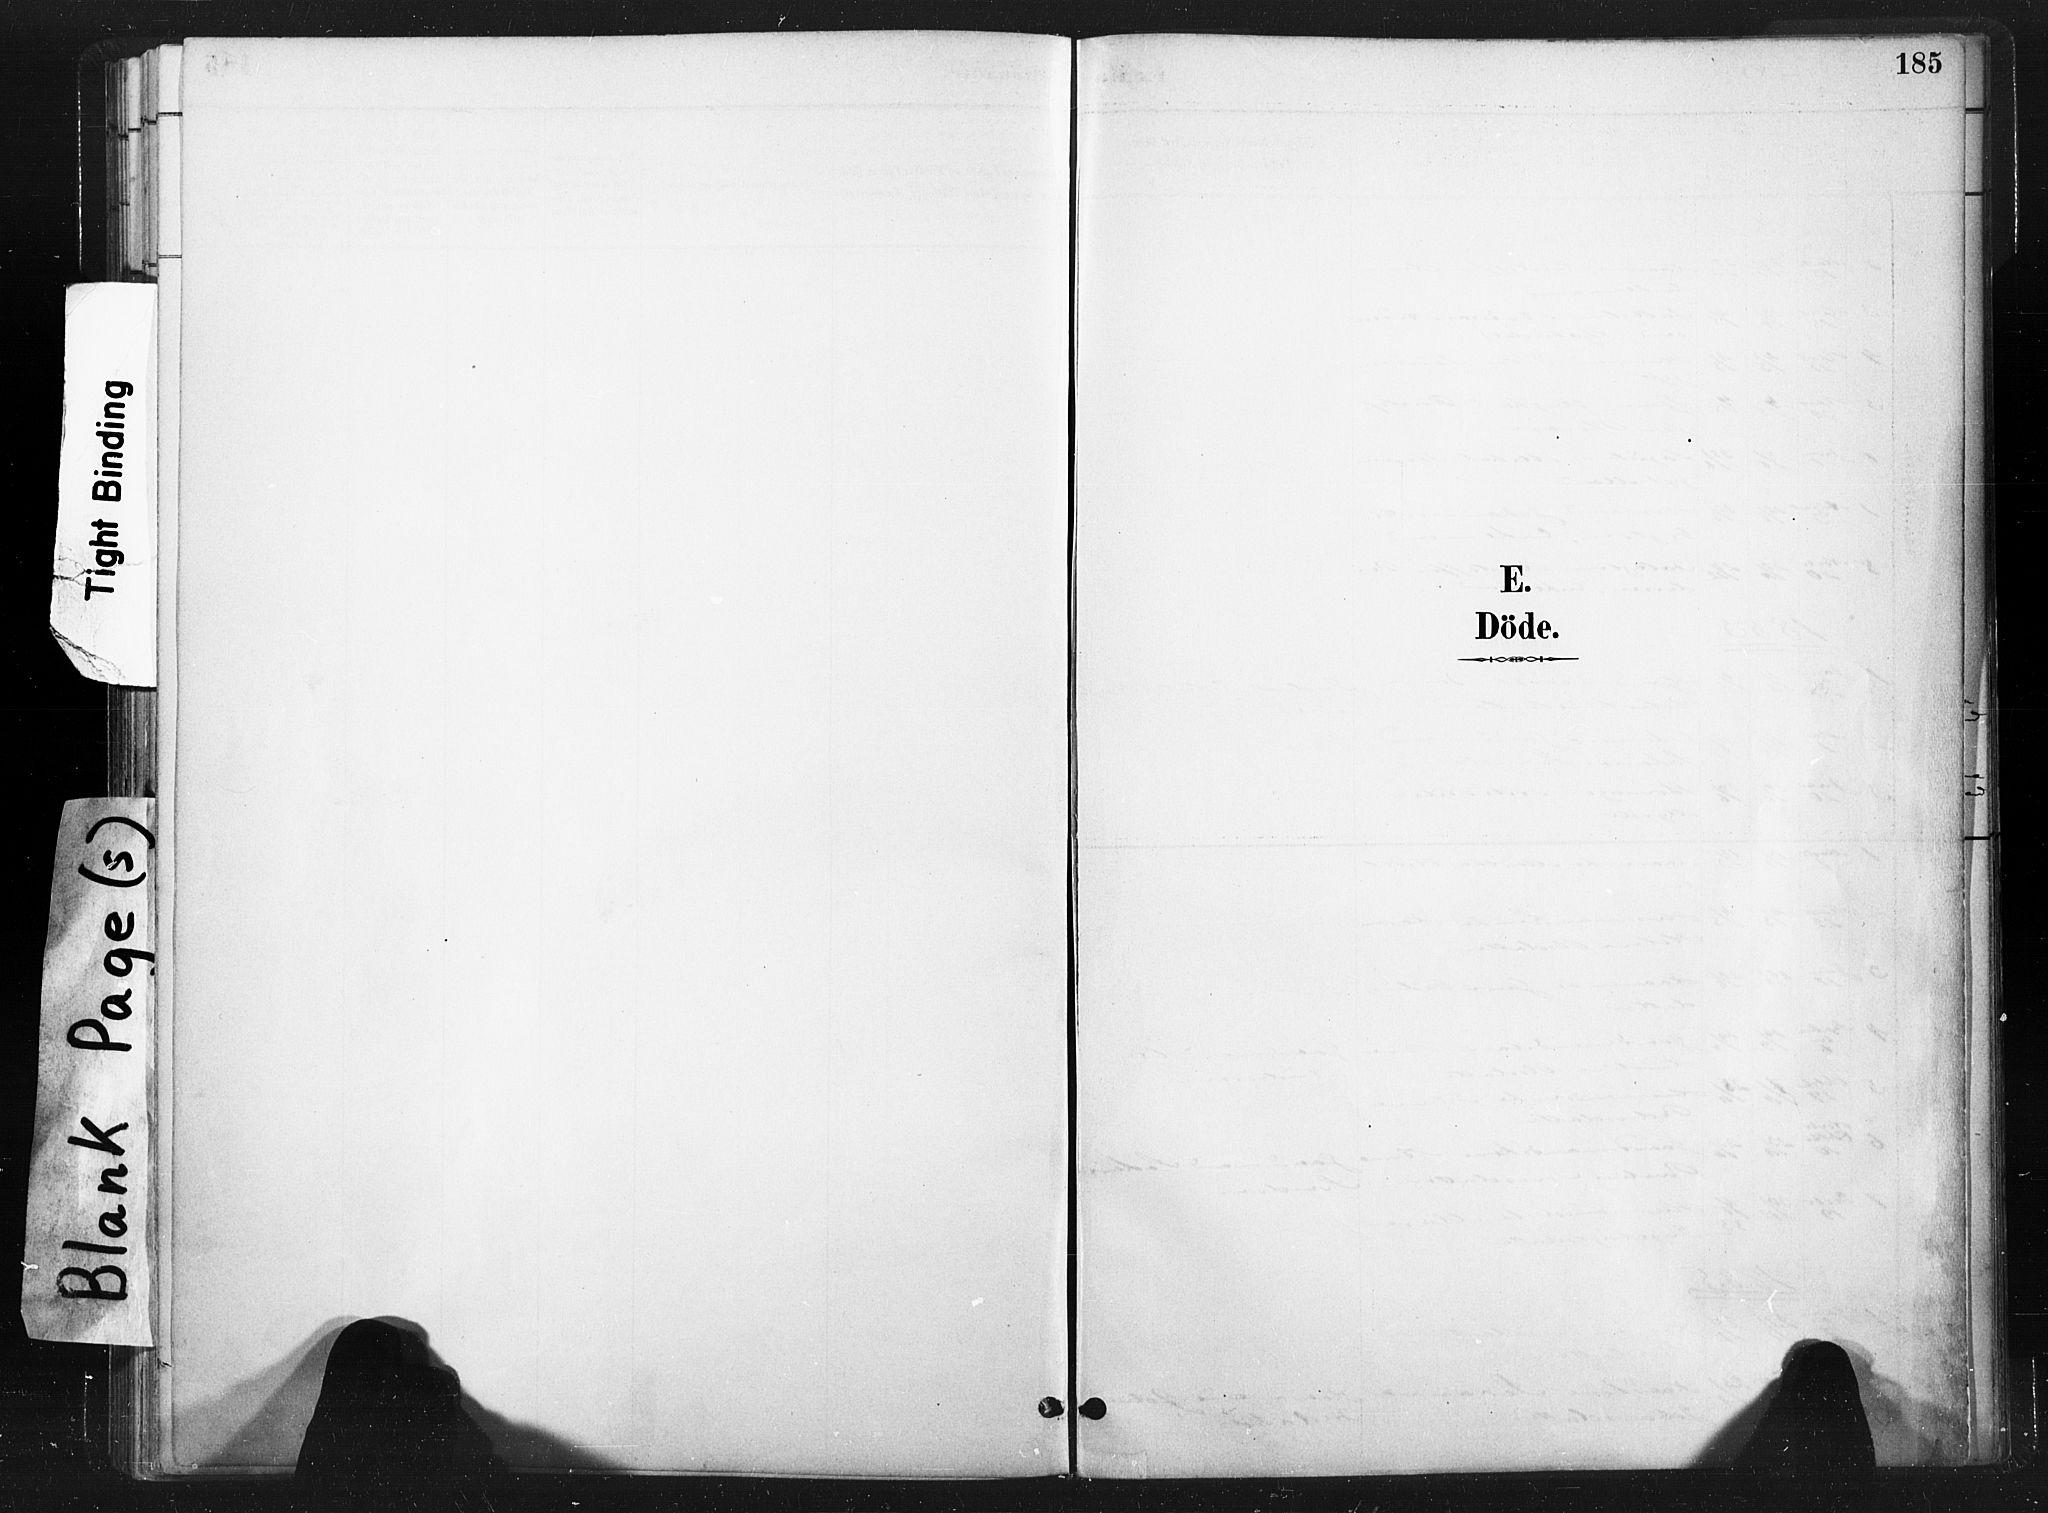 SAT, Ministerialprotokoller, klokkerbøker og fødselsregistre - Nord-Trøndelag, 736/L0361: Ministerialbok nr. 736A01, 1884-1906, s. 185